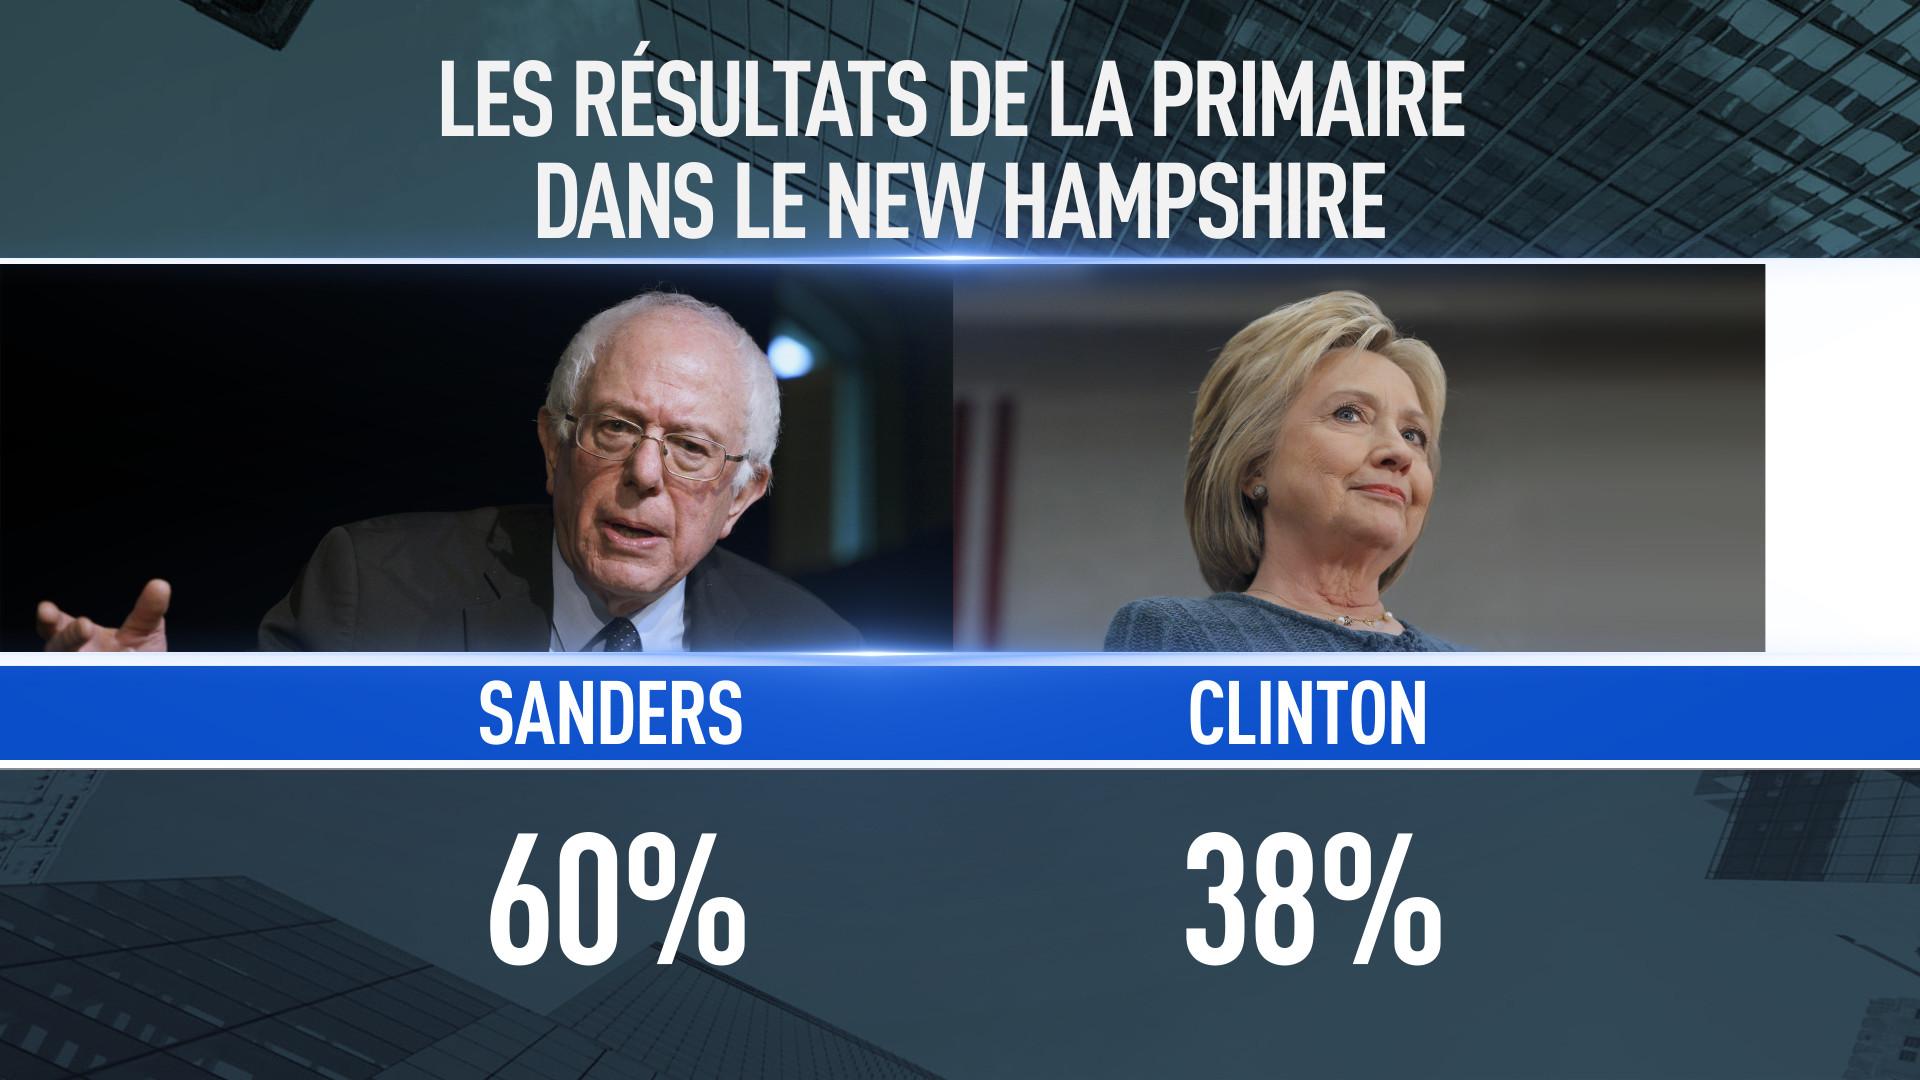 Sanders et Clinton